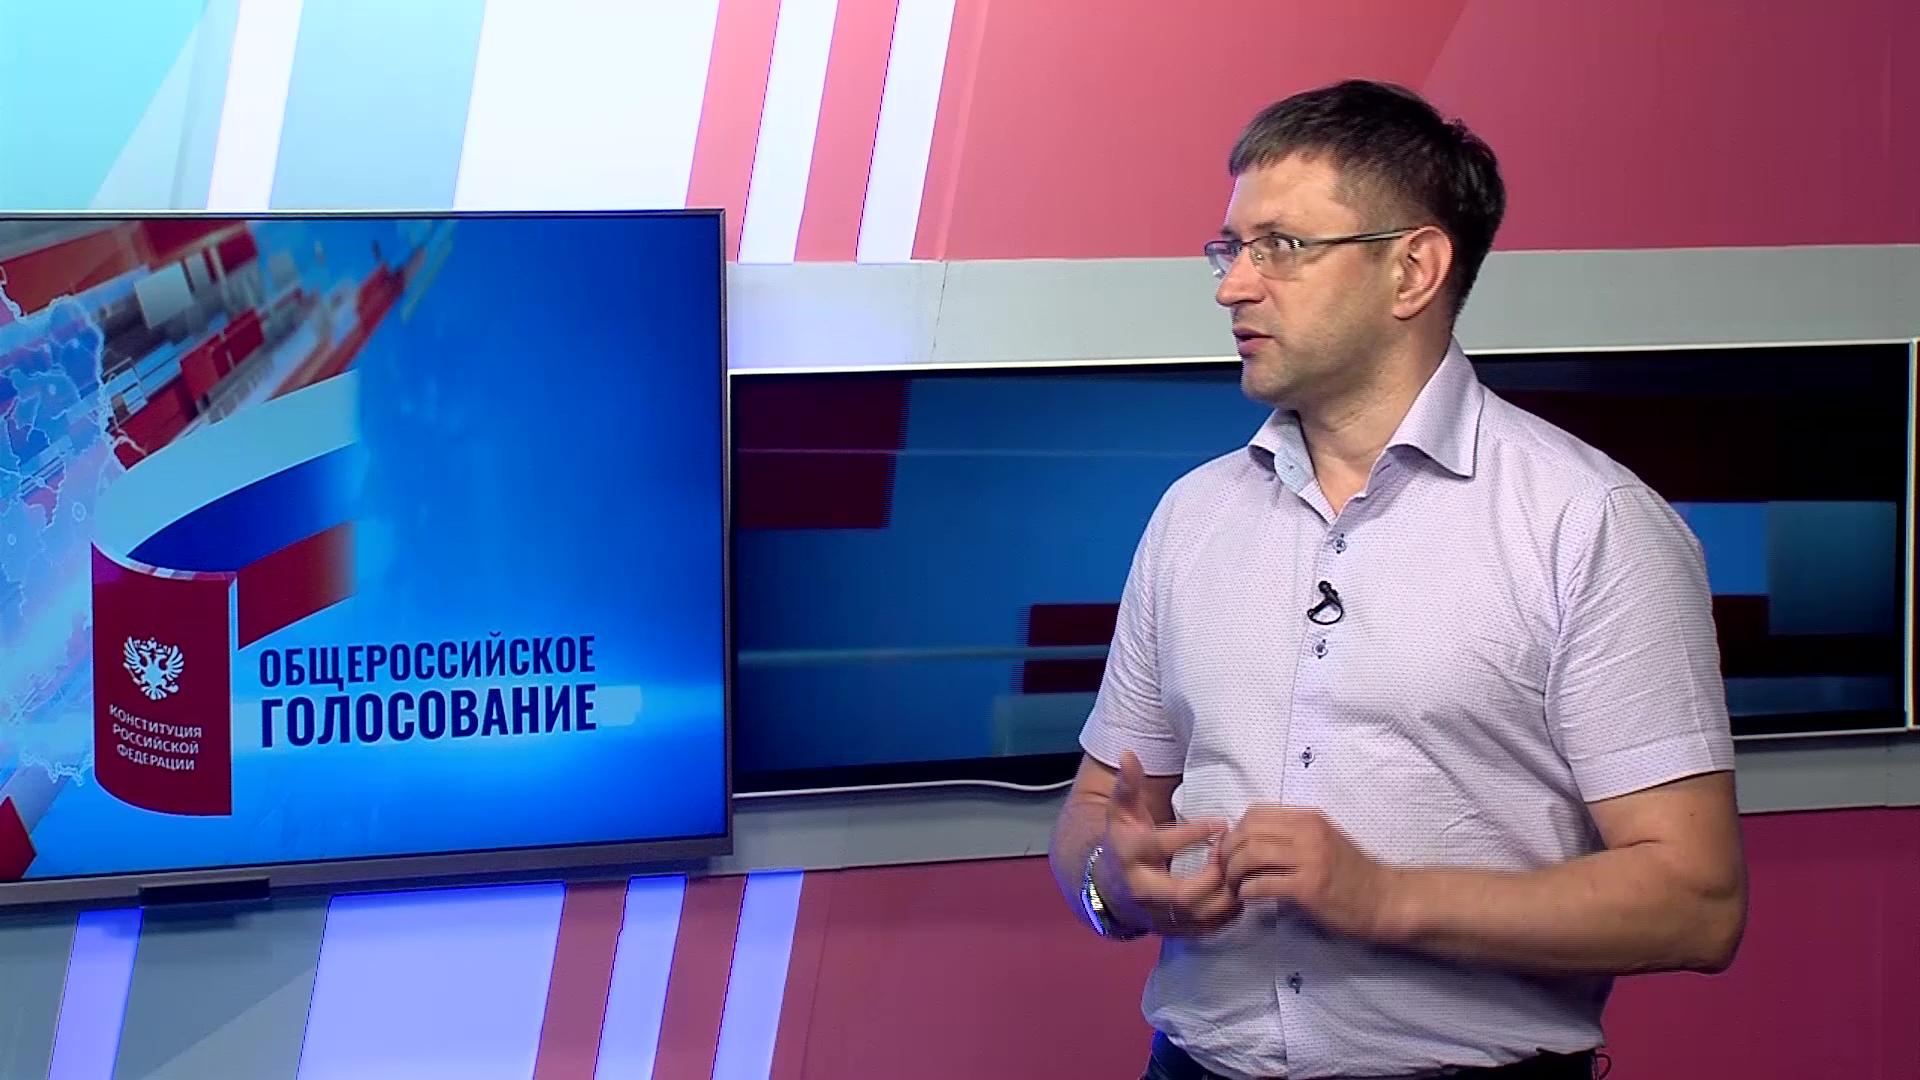 Александр Краснов: «Поправки в Конституцию вносят ценностное измерение в вопросы образования»